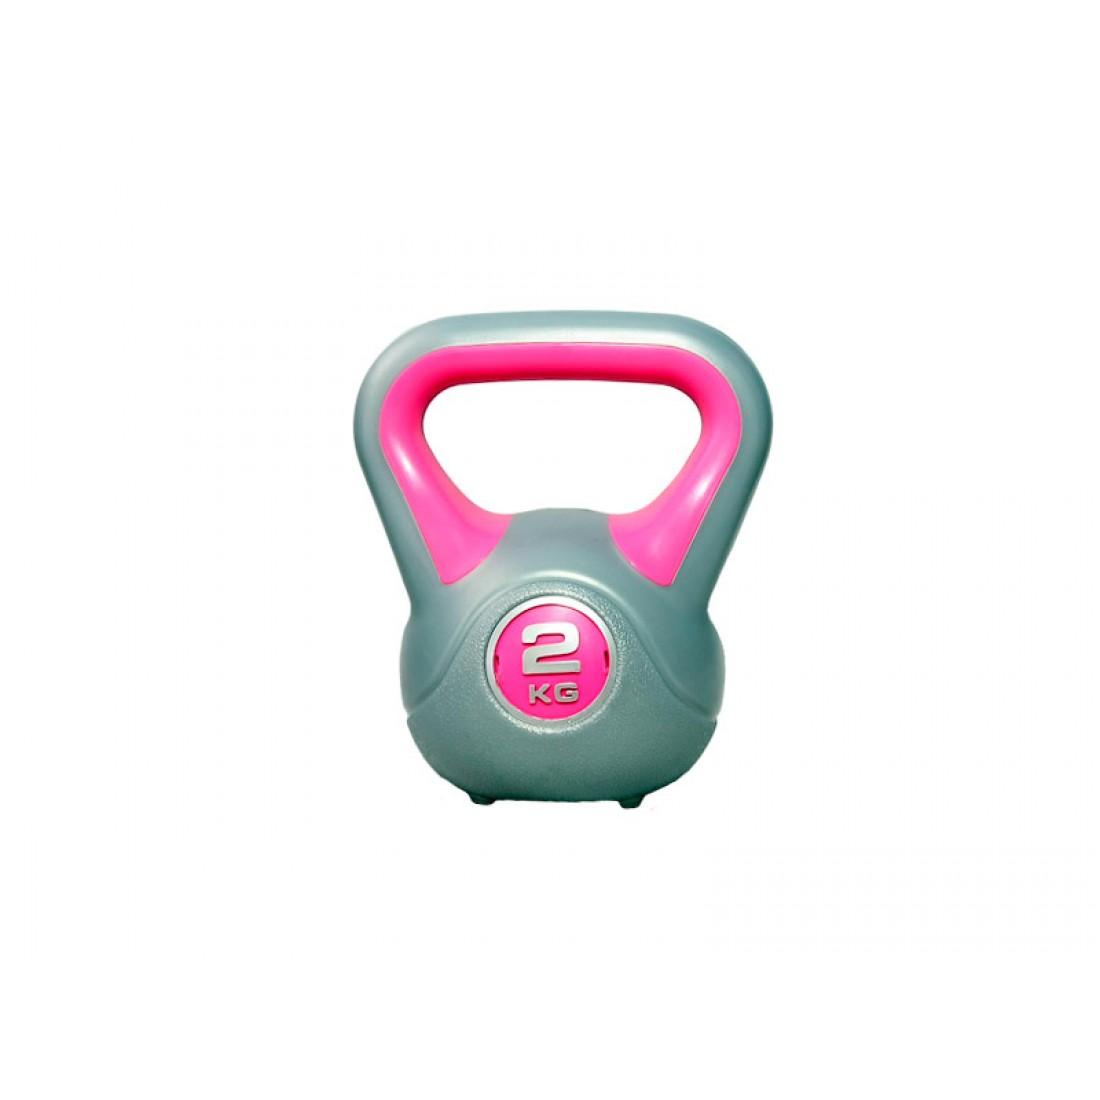 Гантели, гири: Гиря LiveUp PLASTIC KETTEL BELL 2 кг